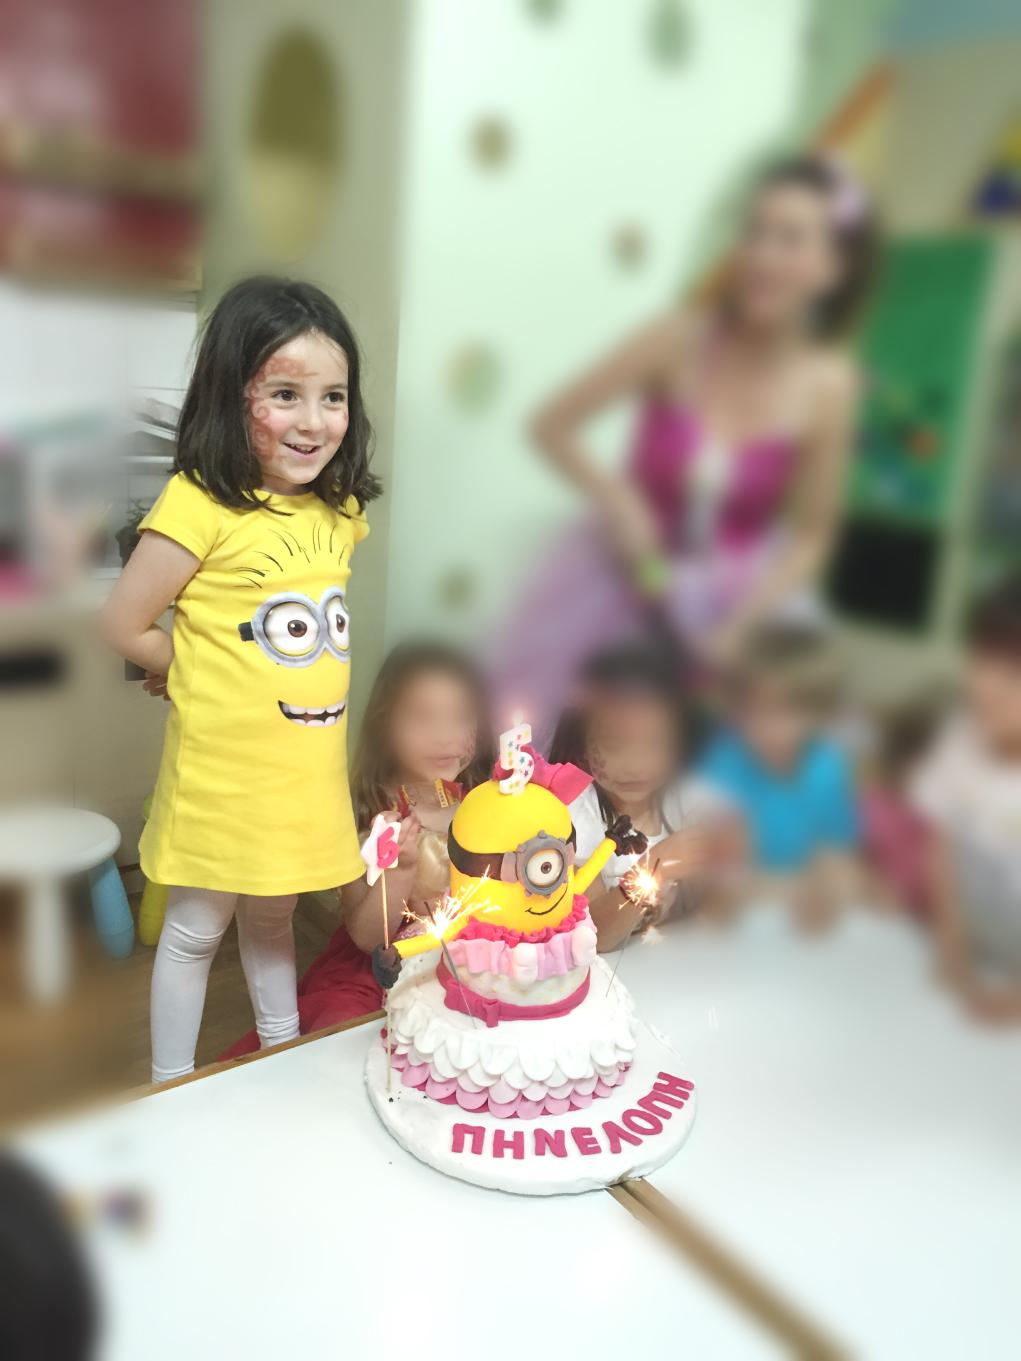 girl minion party cake